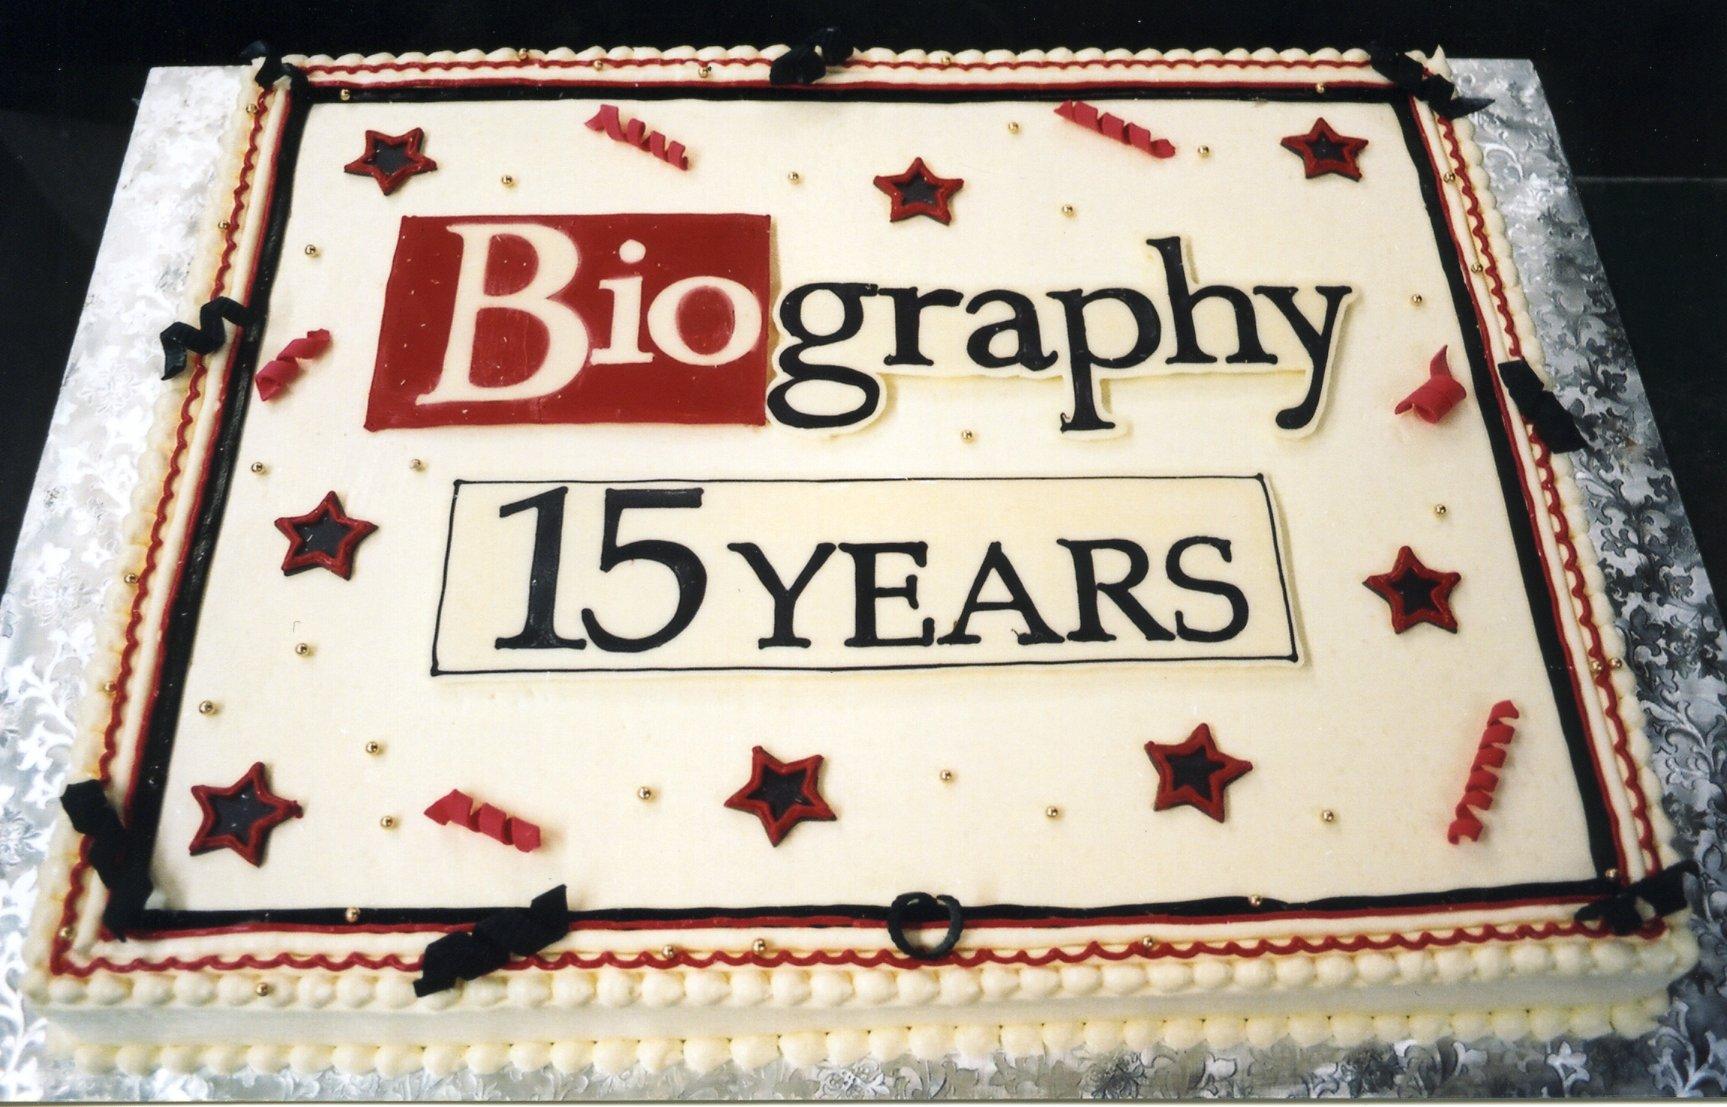 Biography anniversary cake